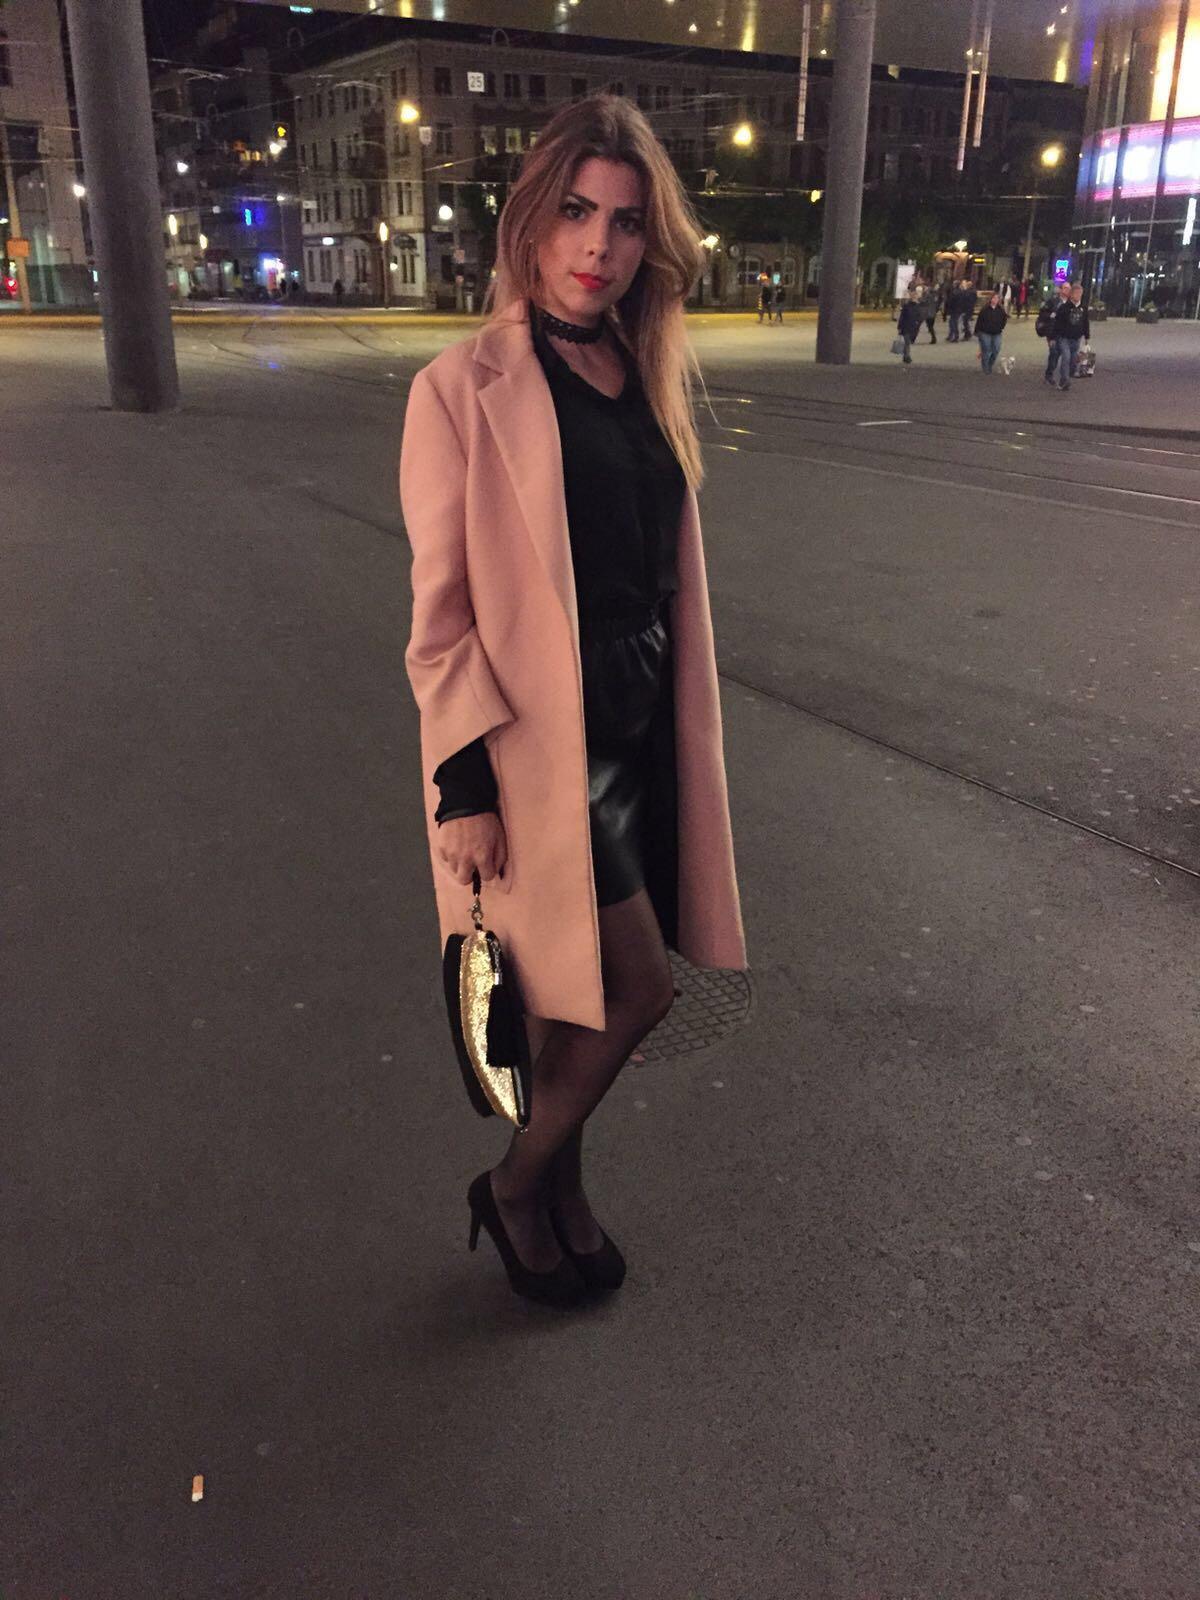 Lederjupe und pinker Mantel mit schwarzen Pumps